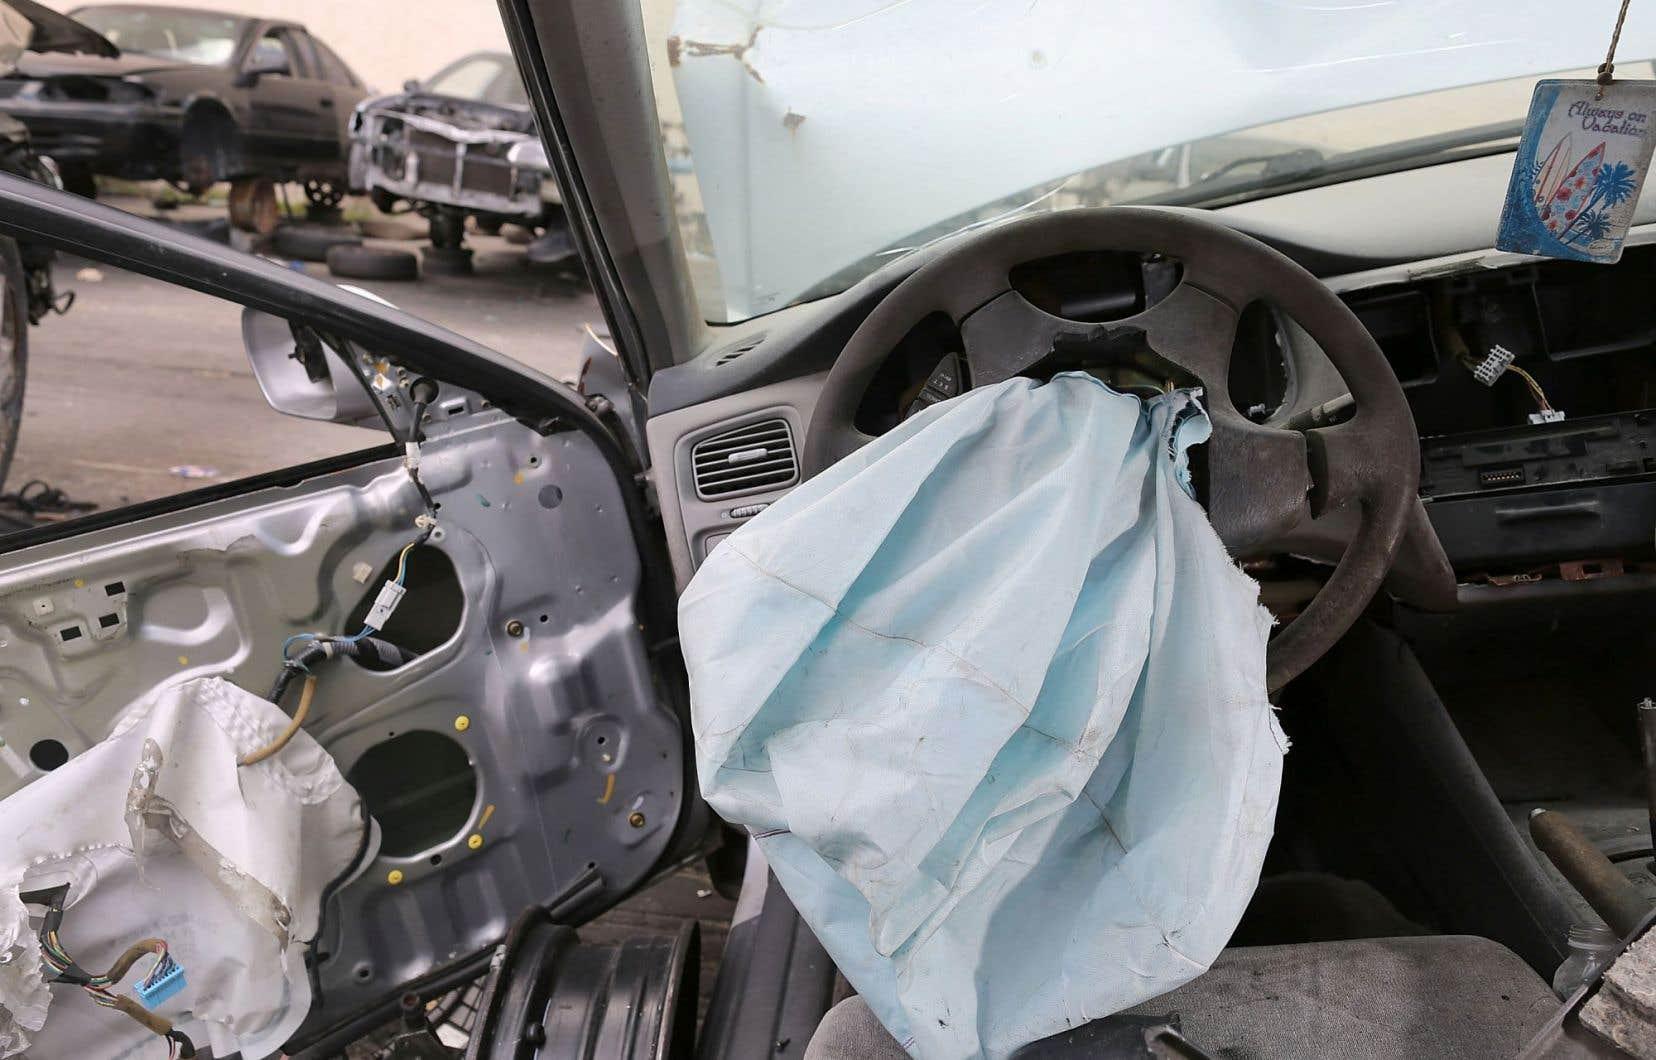 Certains des coussins gonflables sont susceptibles d'exploser inopinément en projetant des fragments sur le conducteur ou le passager.